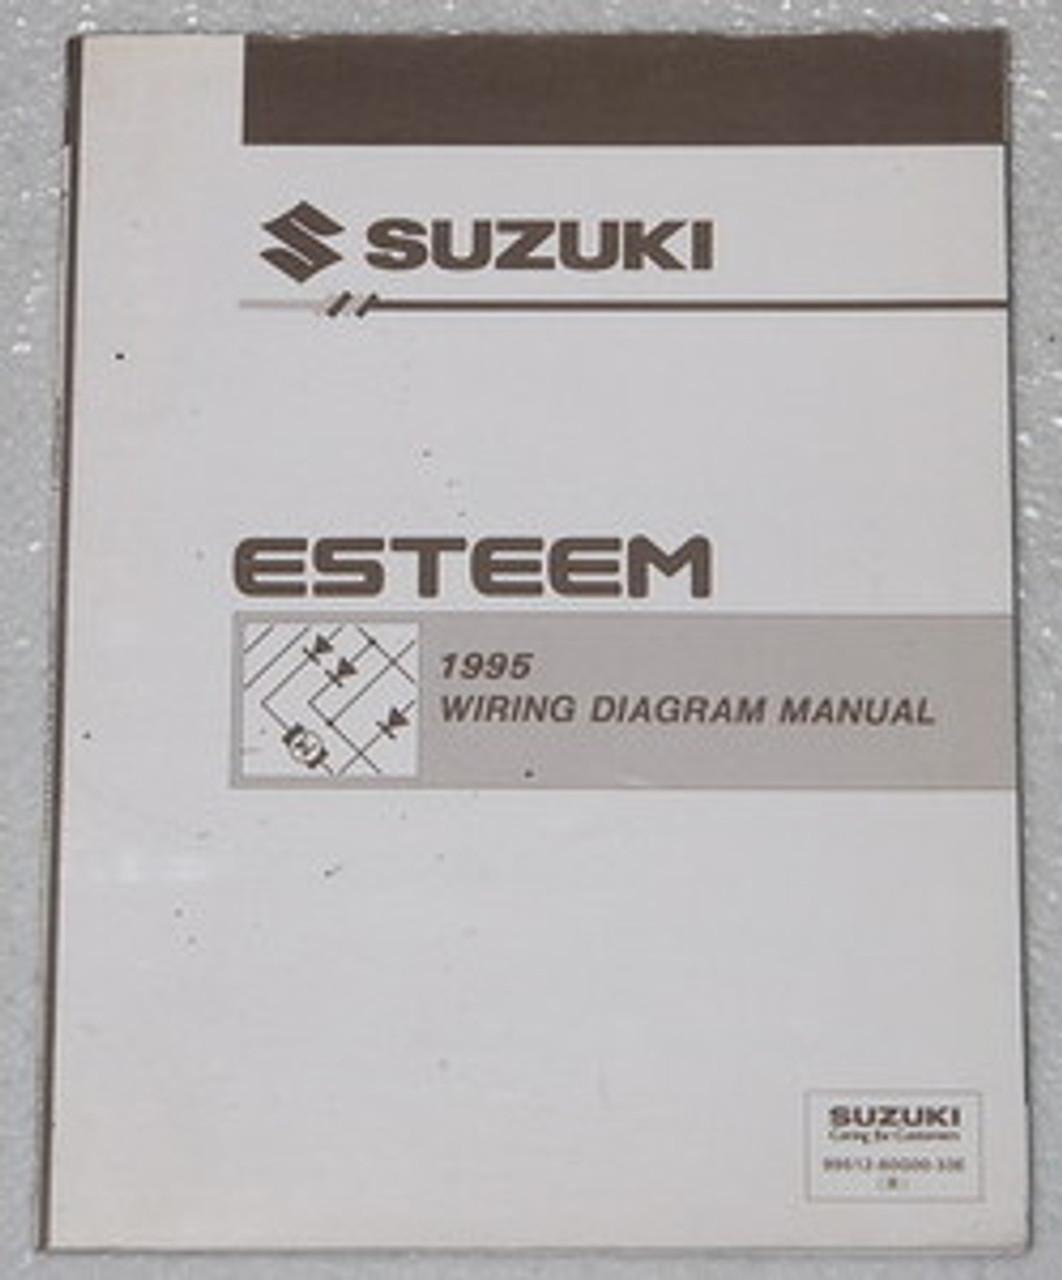 1995 Suzuki Esteem Electrical Wiring Diagrams Factory Shop